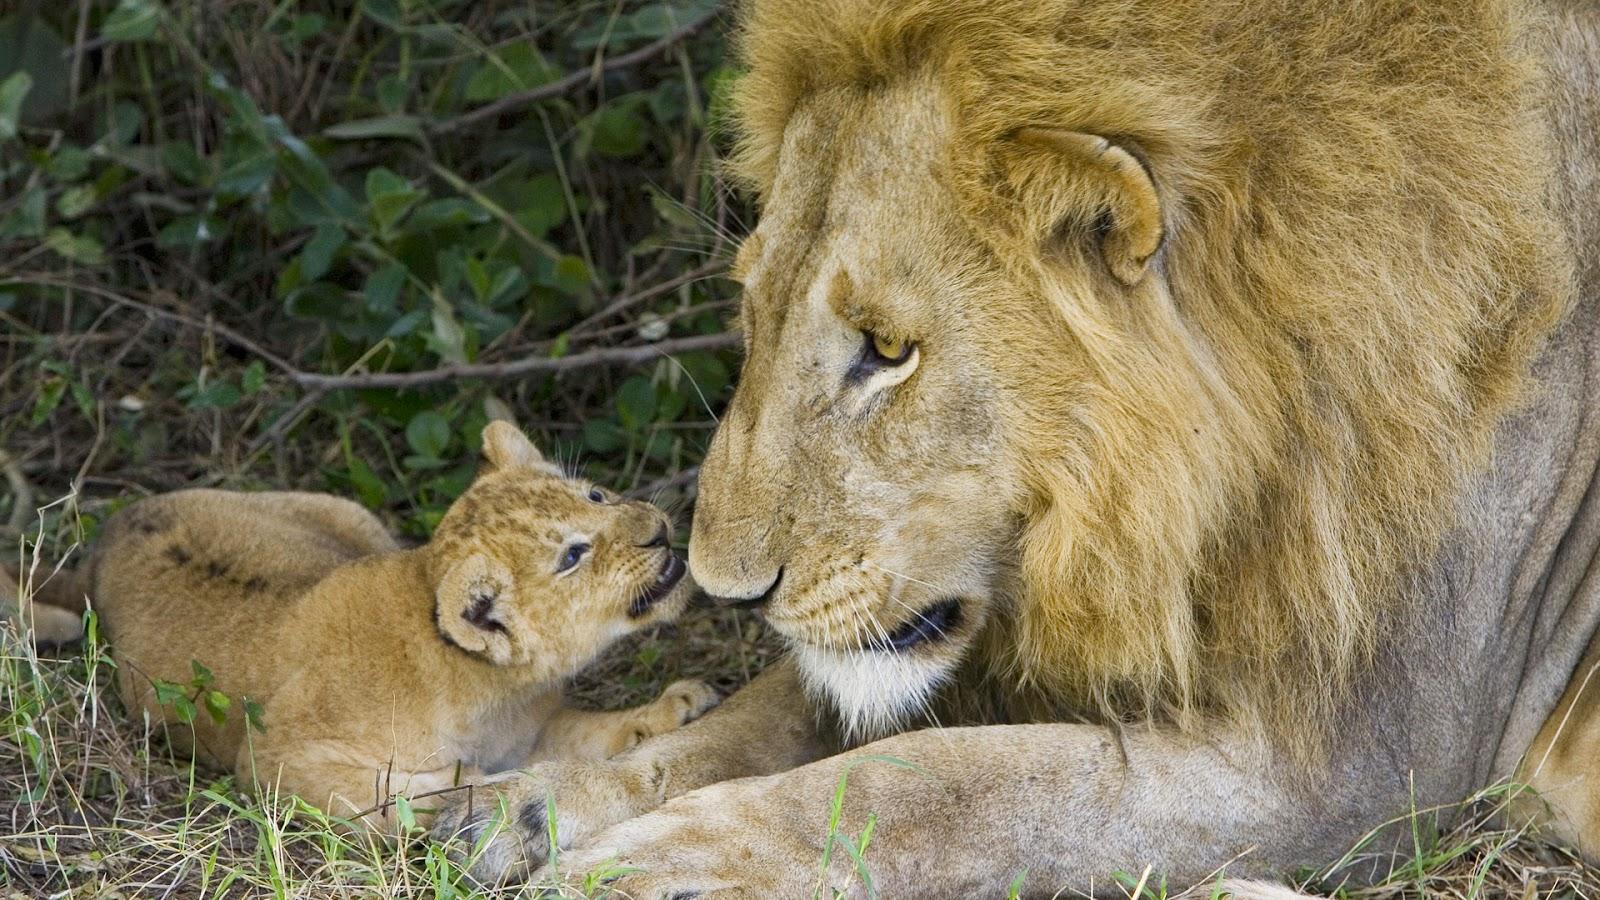 Wallpaper met leeuwin met haar jong